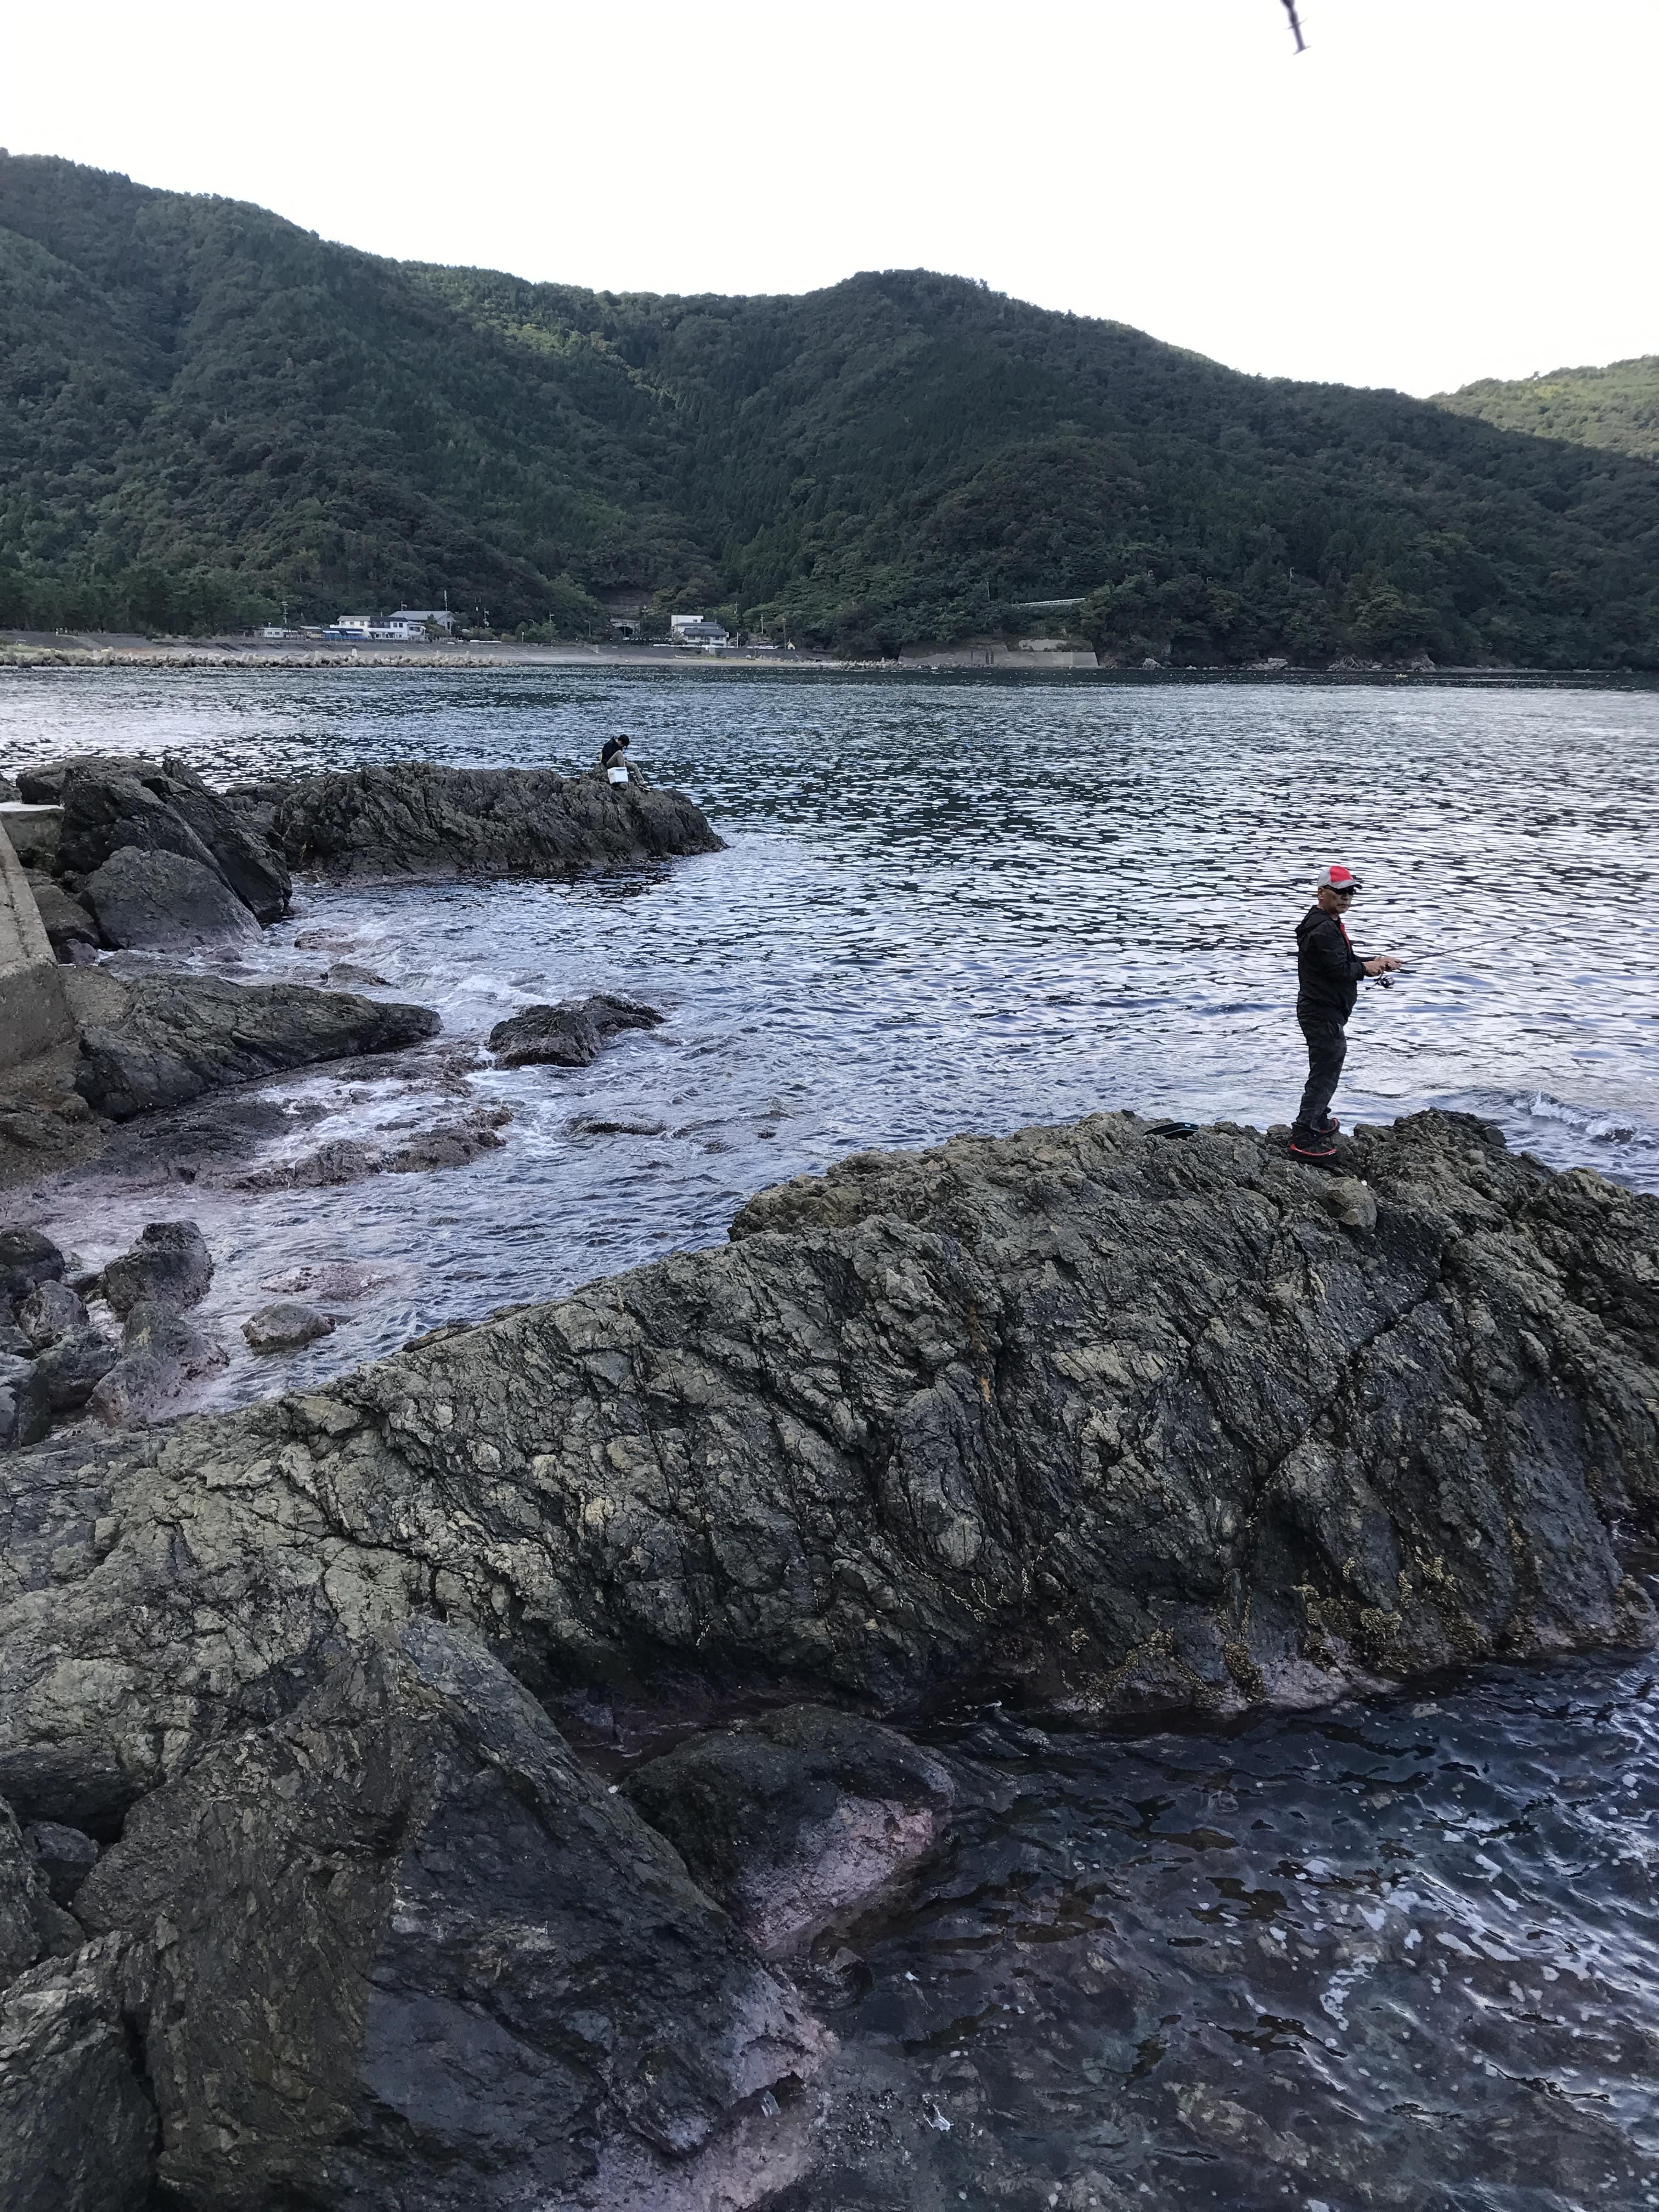 食見海岸地磯の釣り場紹介、福井常神半島の春イカ秋イカエギングでオススメの海水浴もできる穴場ポイント